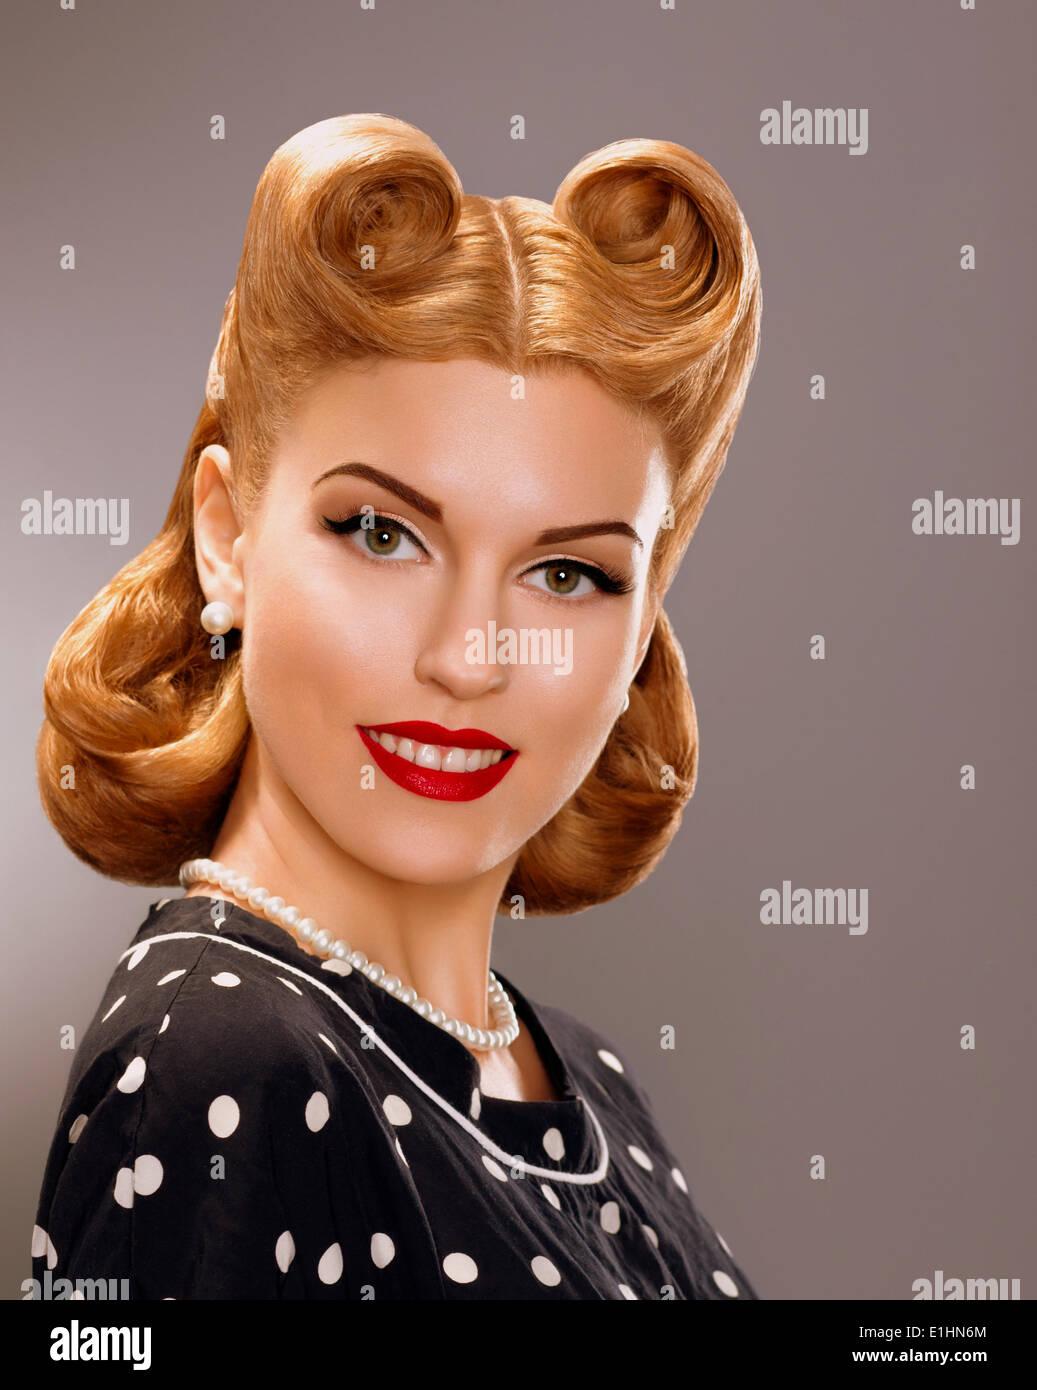 Nostalgie. Lächelnde Frau mit Retro-goldenes Haar Stil gestaltet. Adel Stockbild